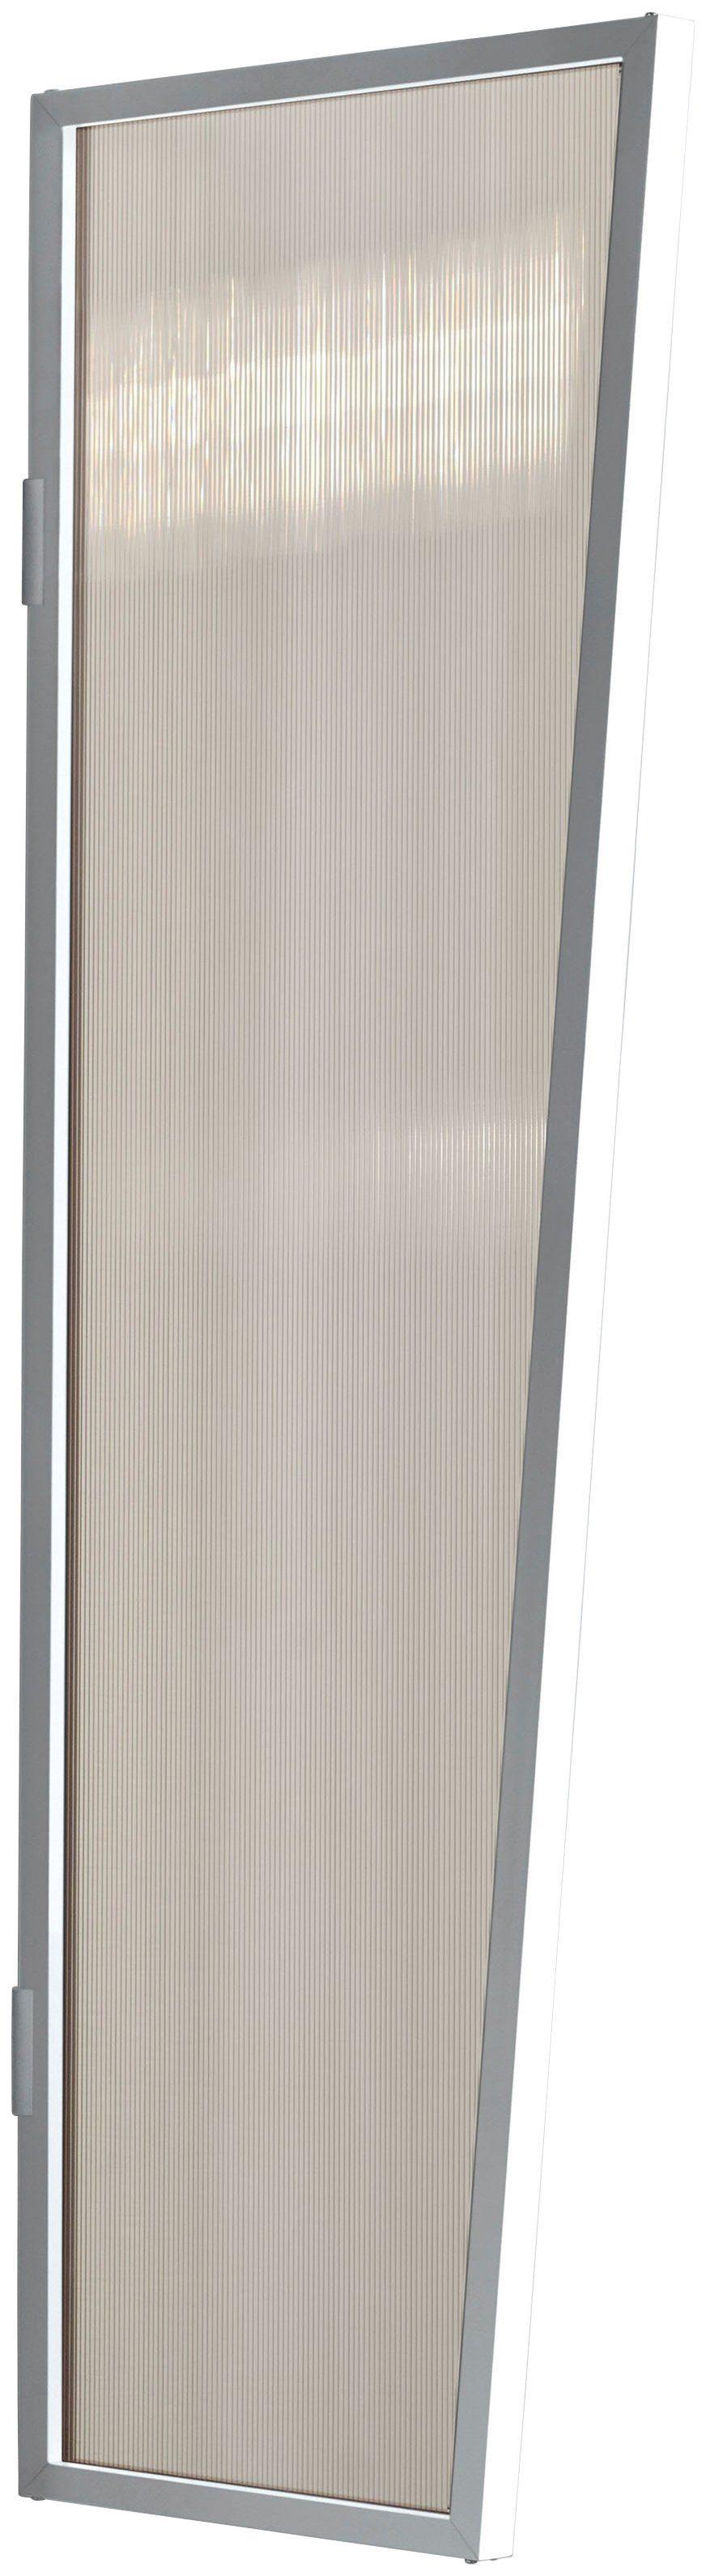 Seitenblende »B2 PC bronce«, BxH: 60x175 cm, weiß/braun